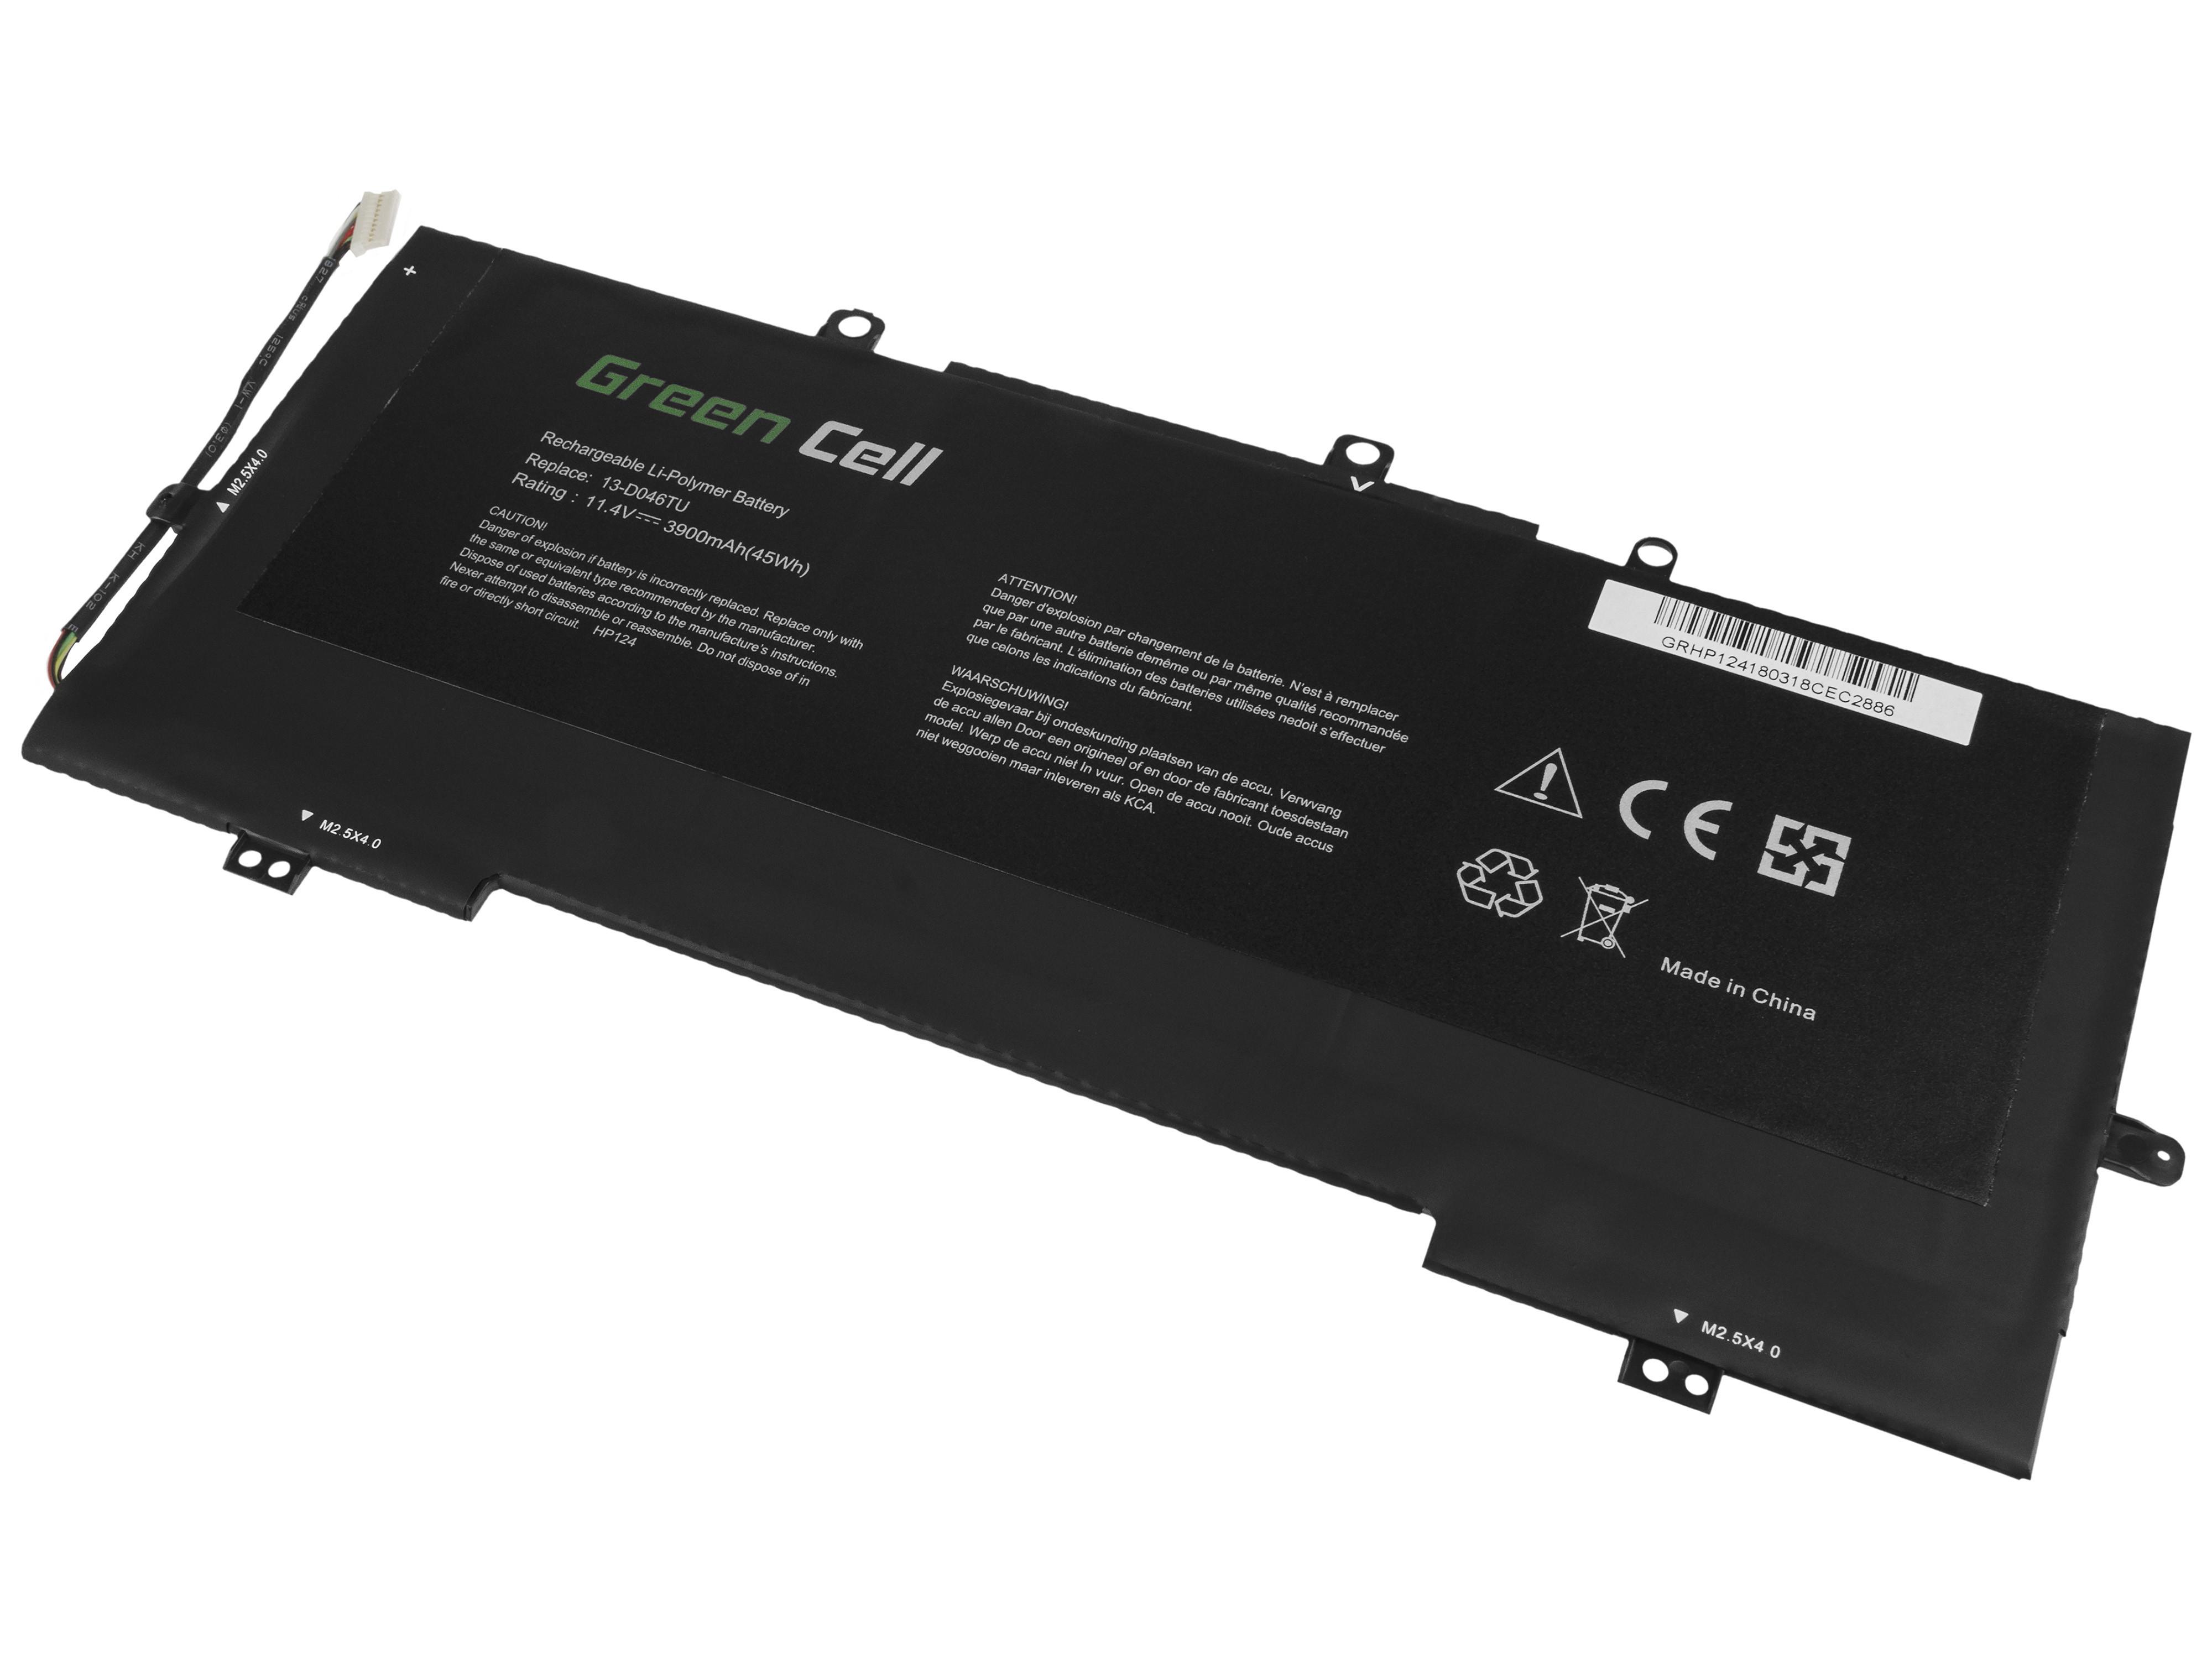 Green Cell HP124 Baterie HP Envy 13-D 13-D010NW 13-D011NW 13-D020NW 13-D150NW VR03XL 3270mAh Li-Pol – neoriginální